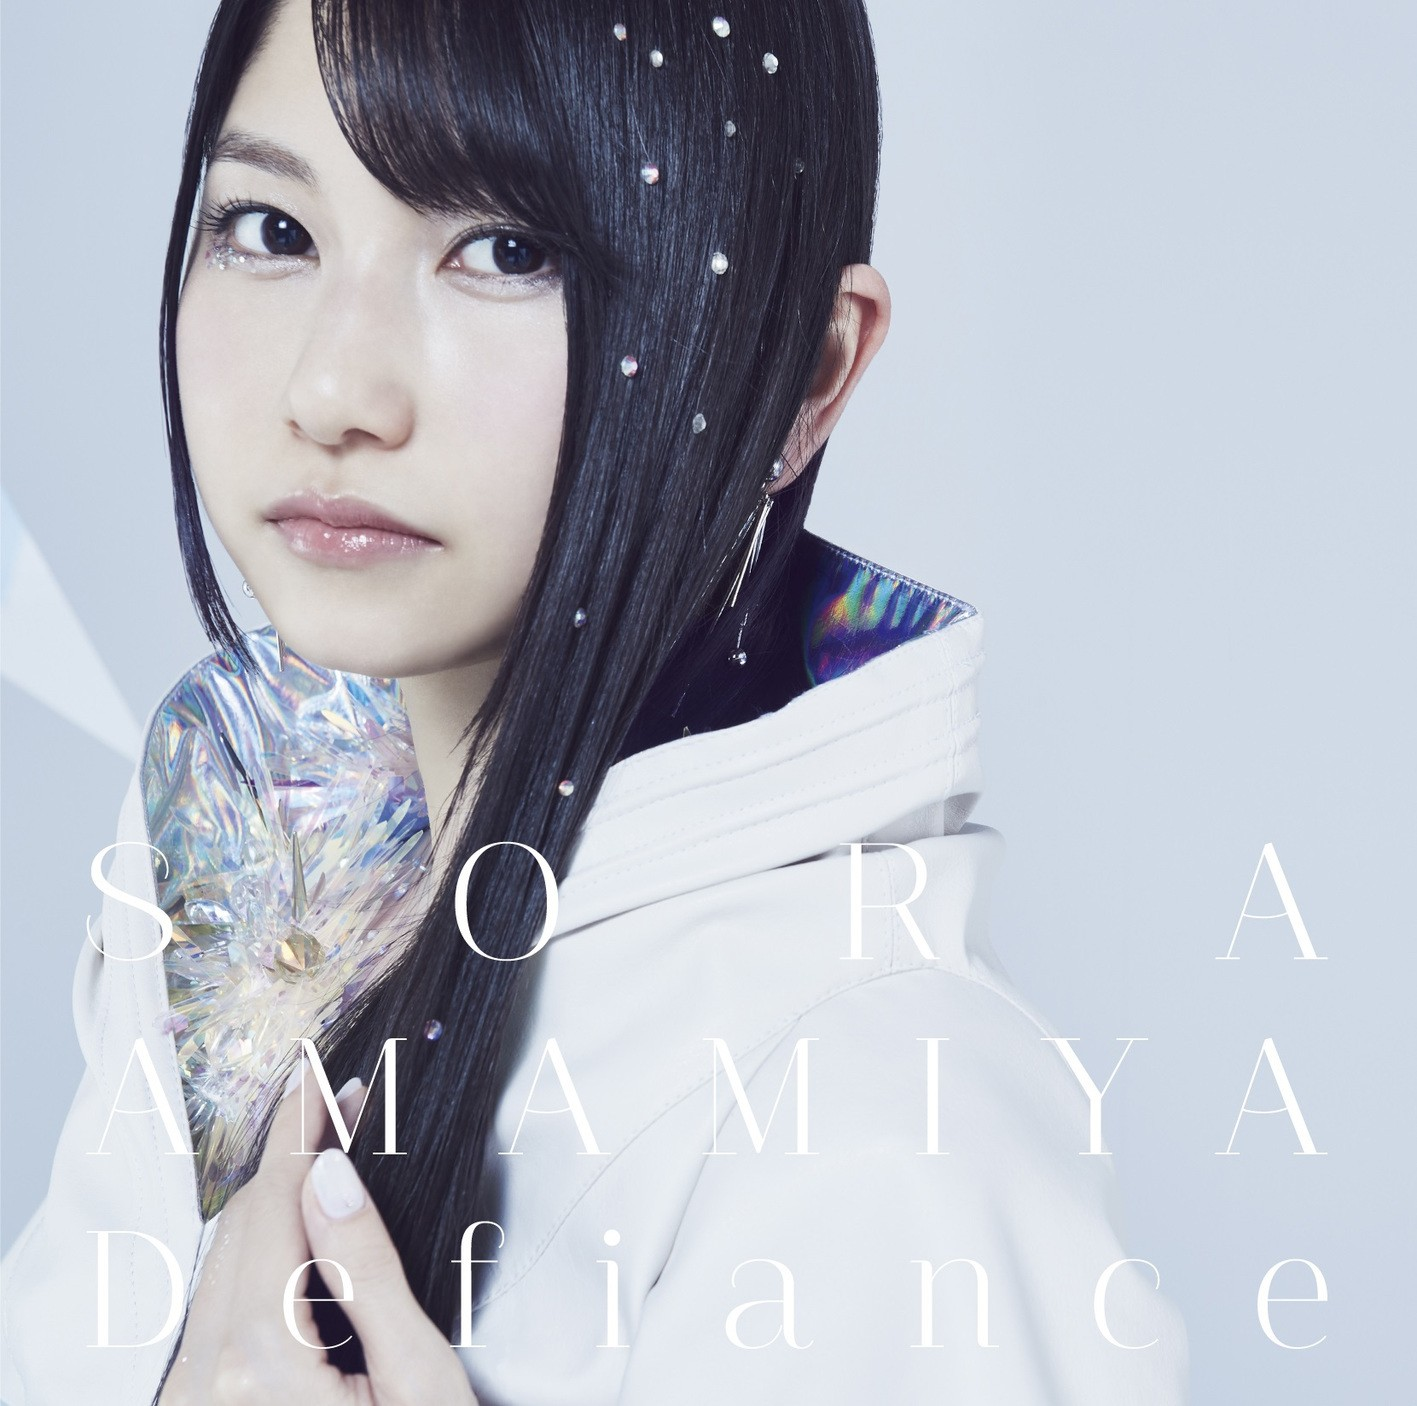 雨宮天 (Sora Amamiya) – Defiance [FLAC / 24bit Lossless / WEB]  [2019.01.16]